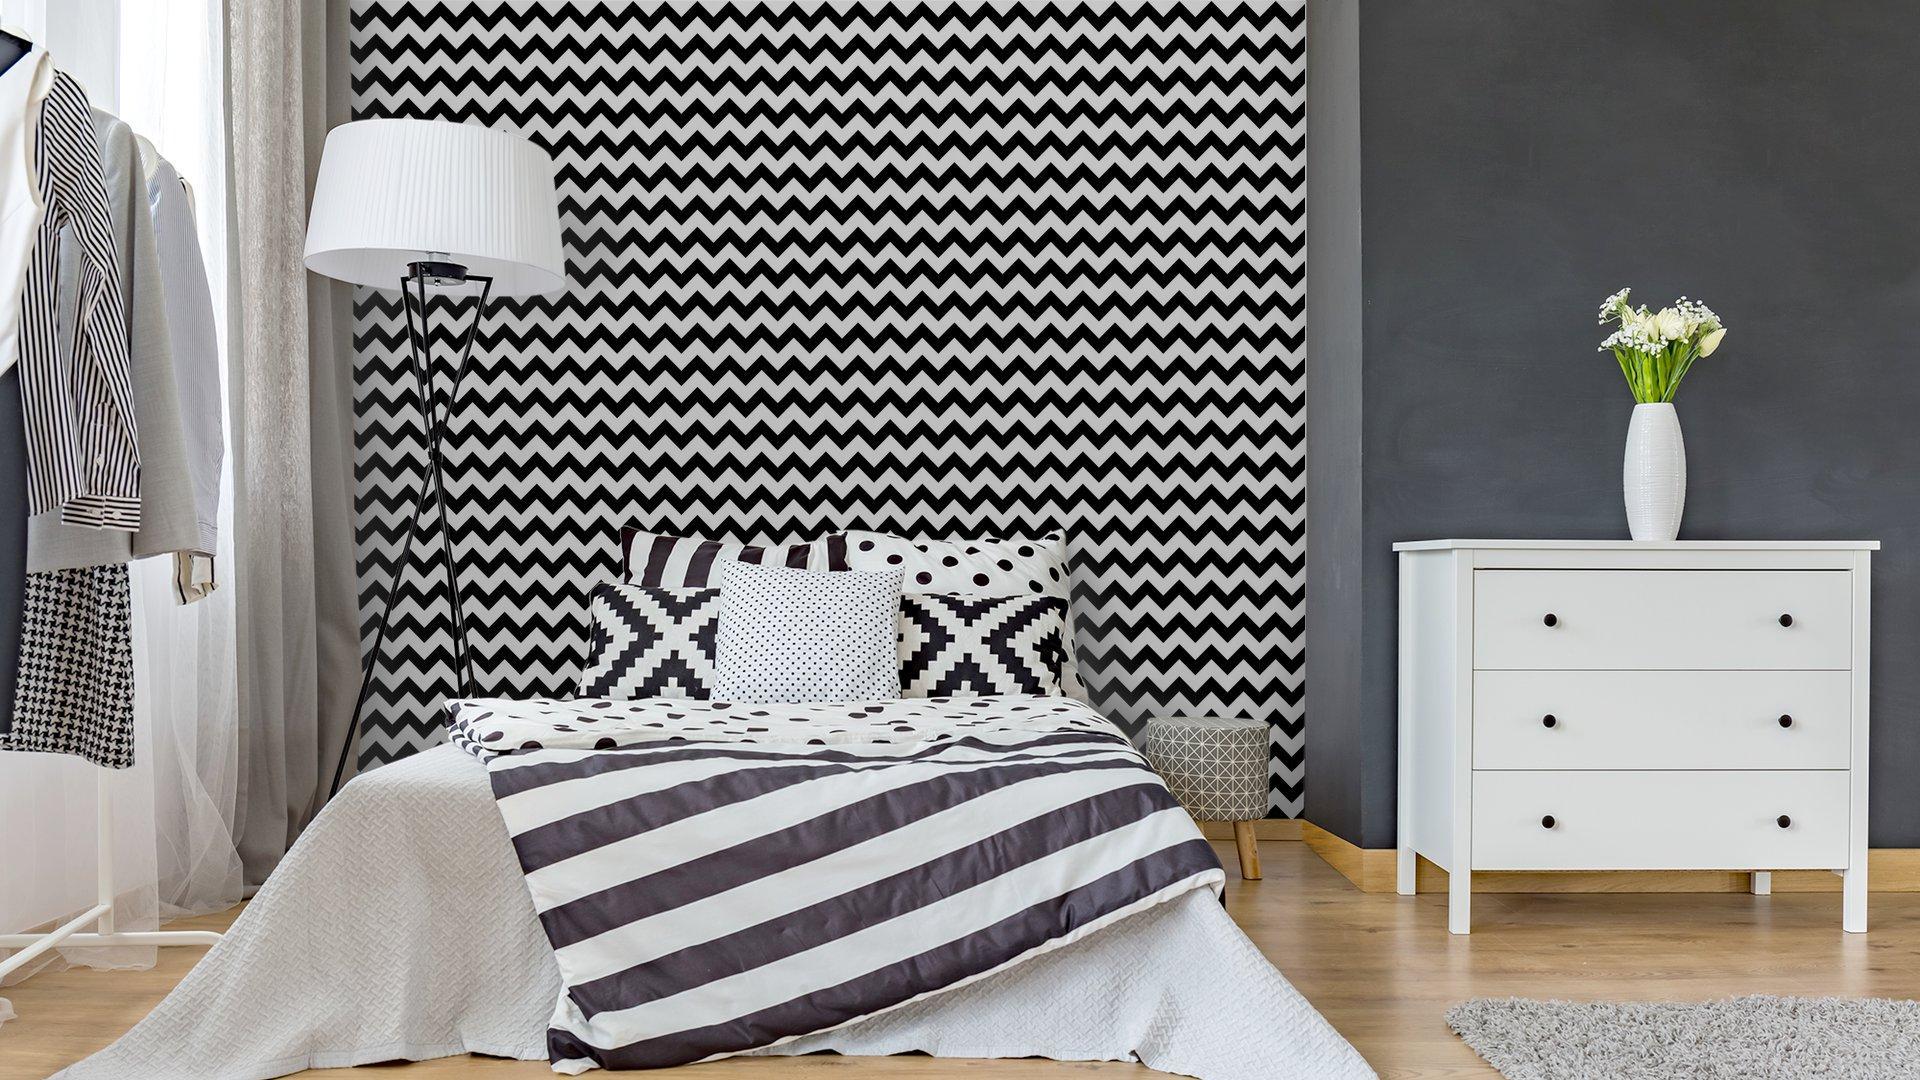 Fotomurales mexico papeles pintados resumen sin patron geometrico zigzag vector 4 - Papel Tapiz Patrón Zigzag Blanco y Negro